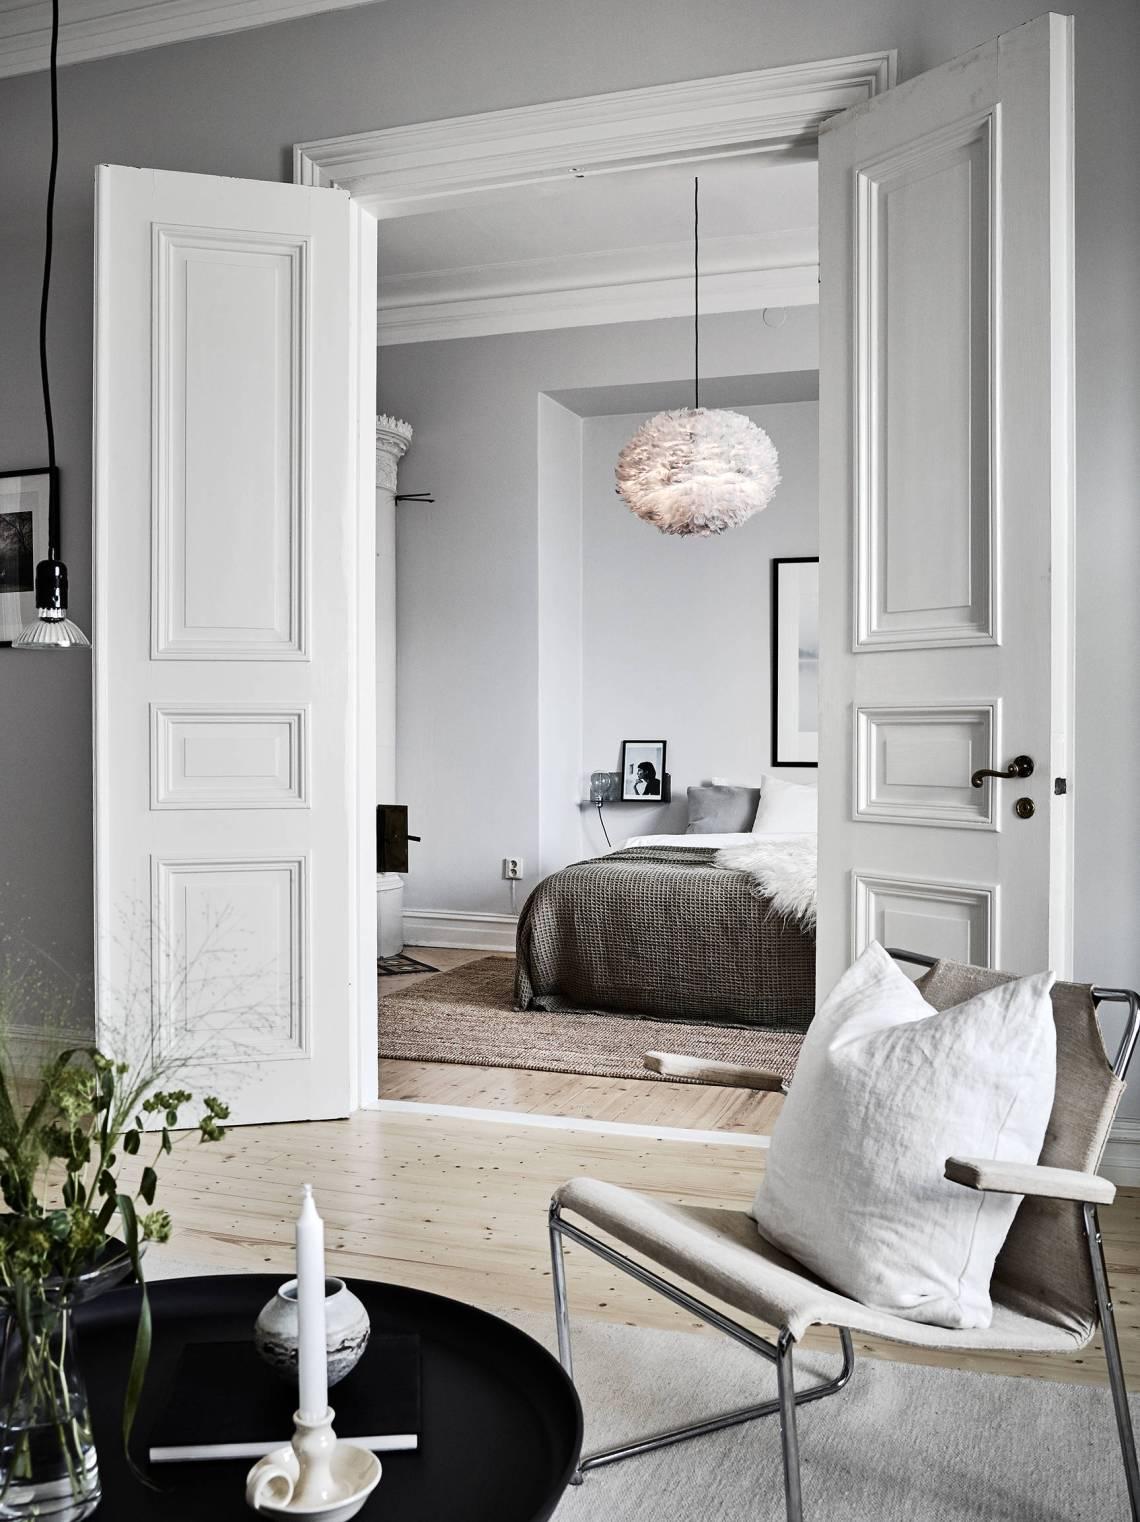 Open plan apartment coco lapine designcoco lapine design for Altbauwohnung design